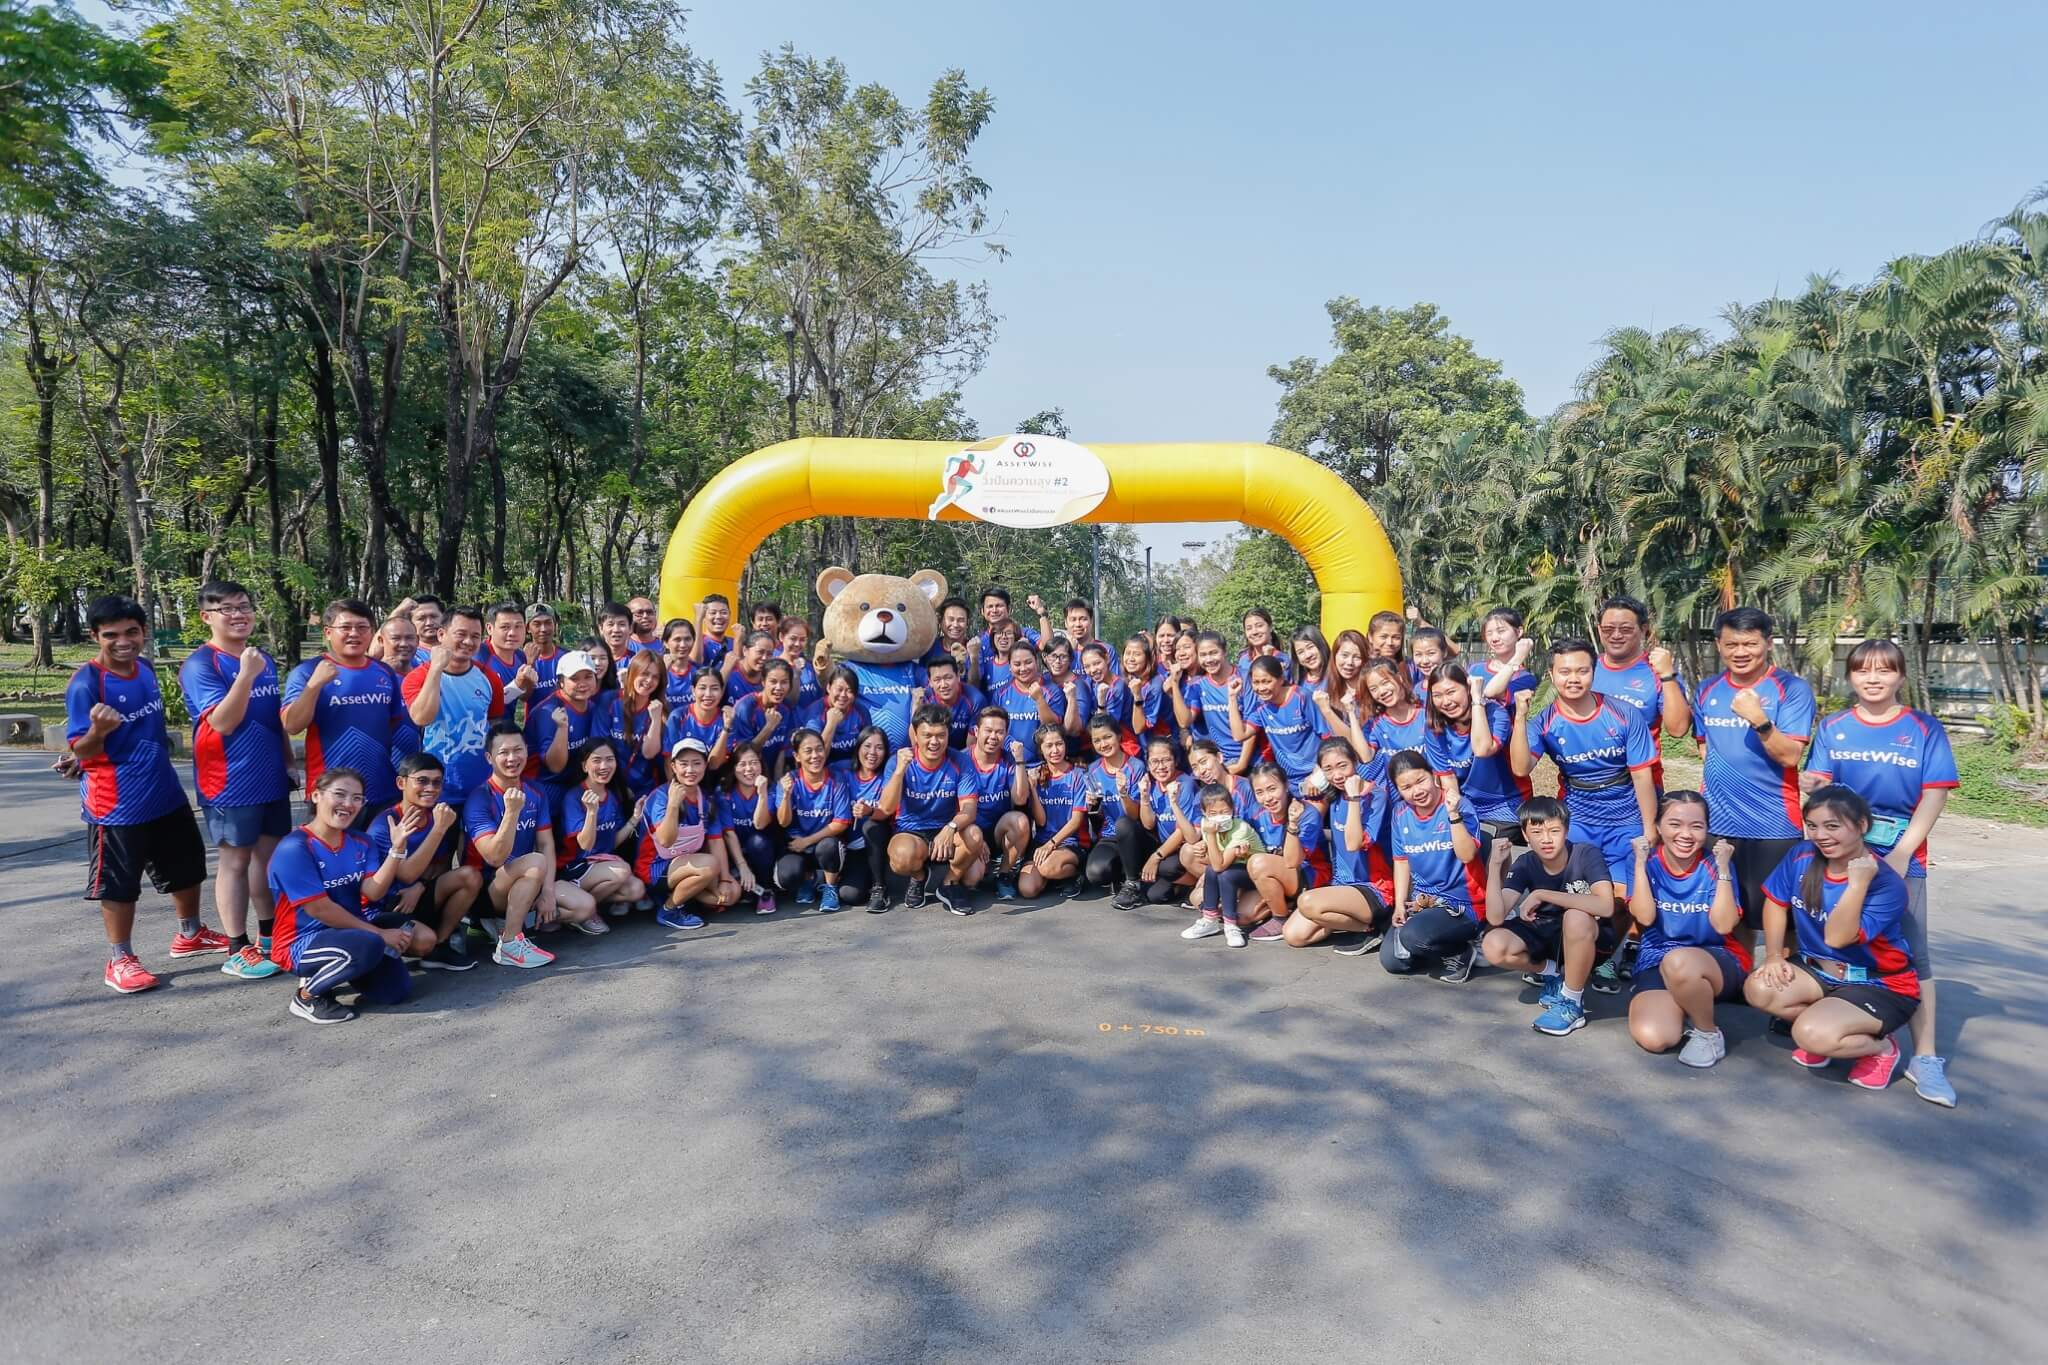 เปิดตัวกิจกรรมวิ่งปันความสุข#2 Virtual Run